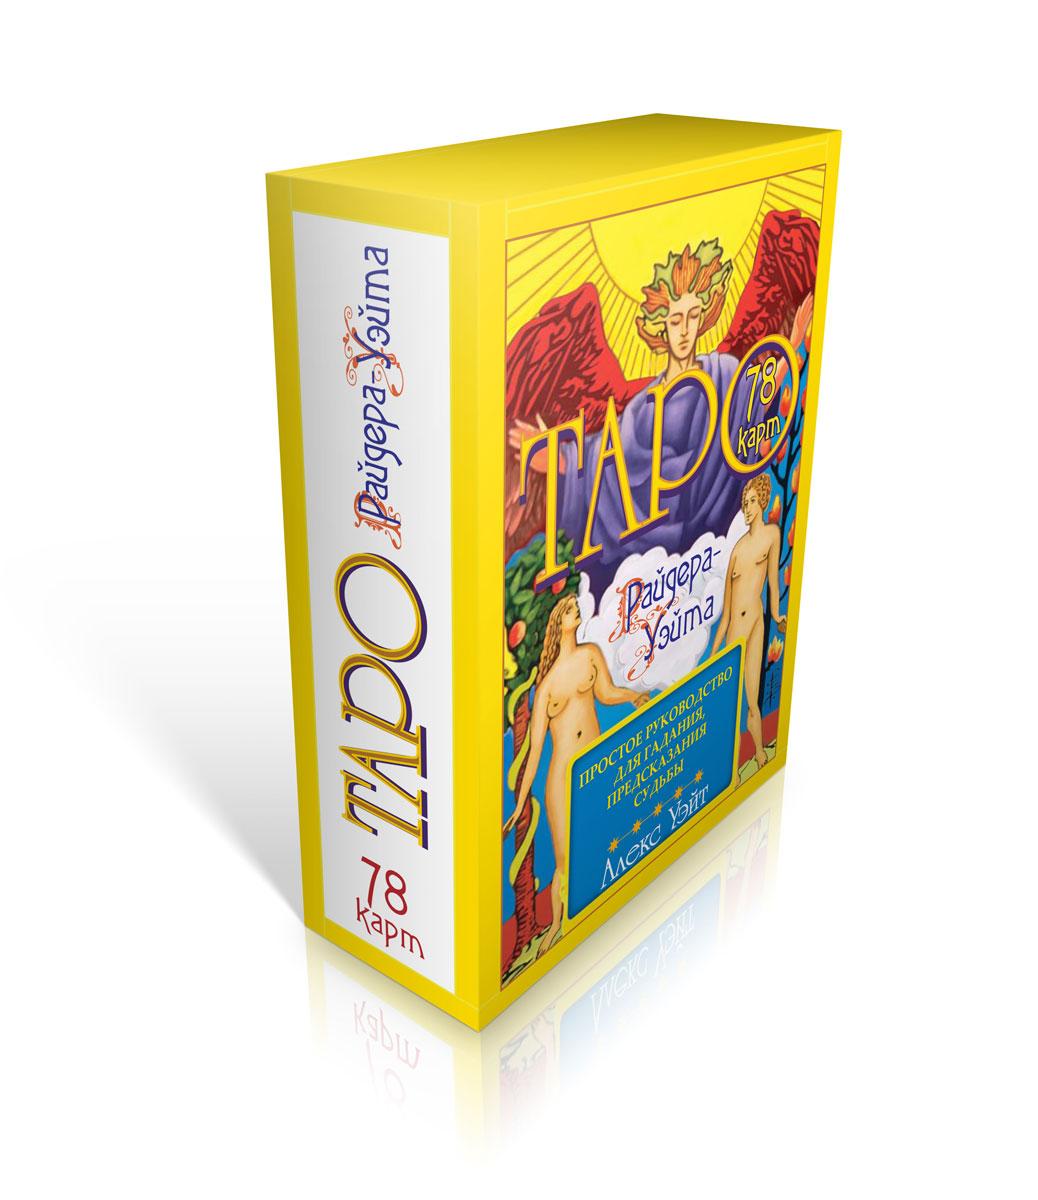 Алекс Уэйт Таро Райдера-Уэйта. 78 карт и простое руководство для гадания, предсказания судьбы таро райдер уэйт 78 карт 978 5 91250 497 6